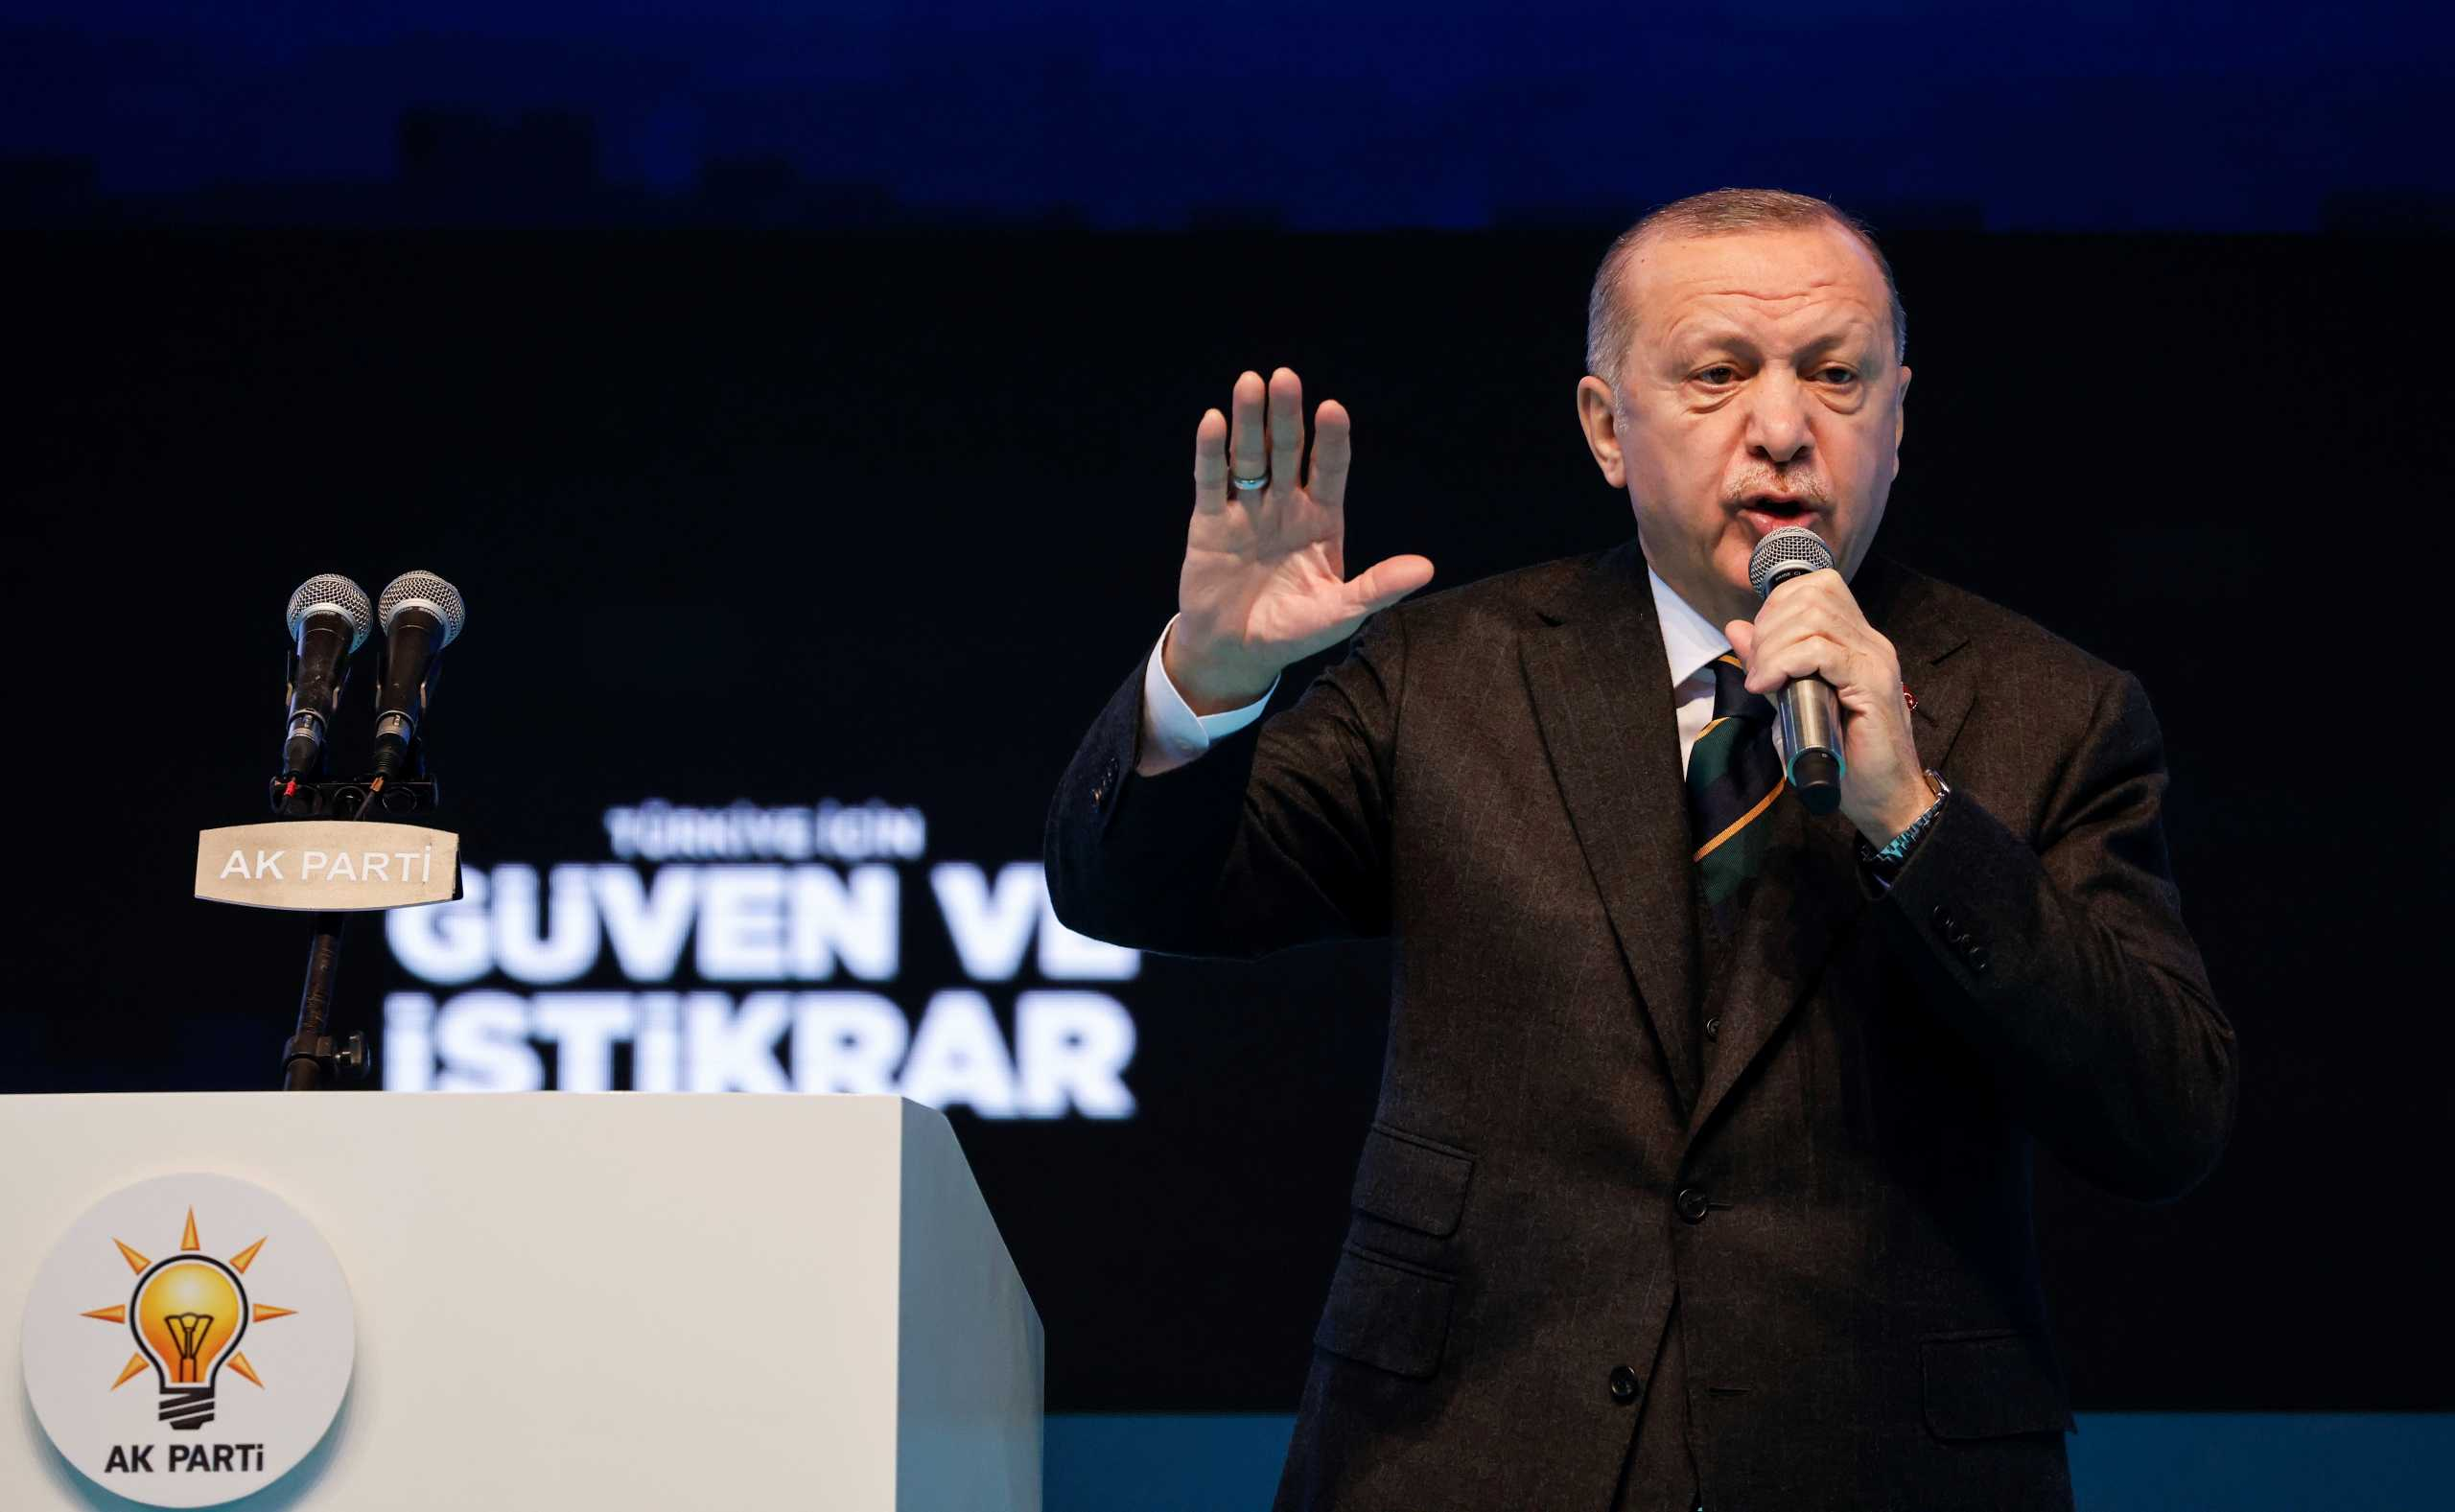 Τουρκία: Άρχισε τις διώξεις ο Ερντογάν – Συνέλαβαν τον «πατέρα» της «Γαλάζιας Πατρίδας»